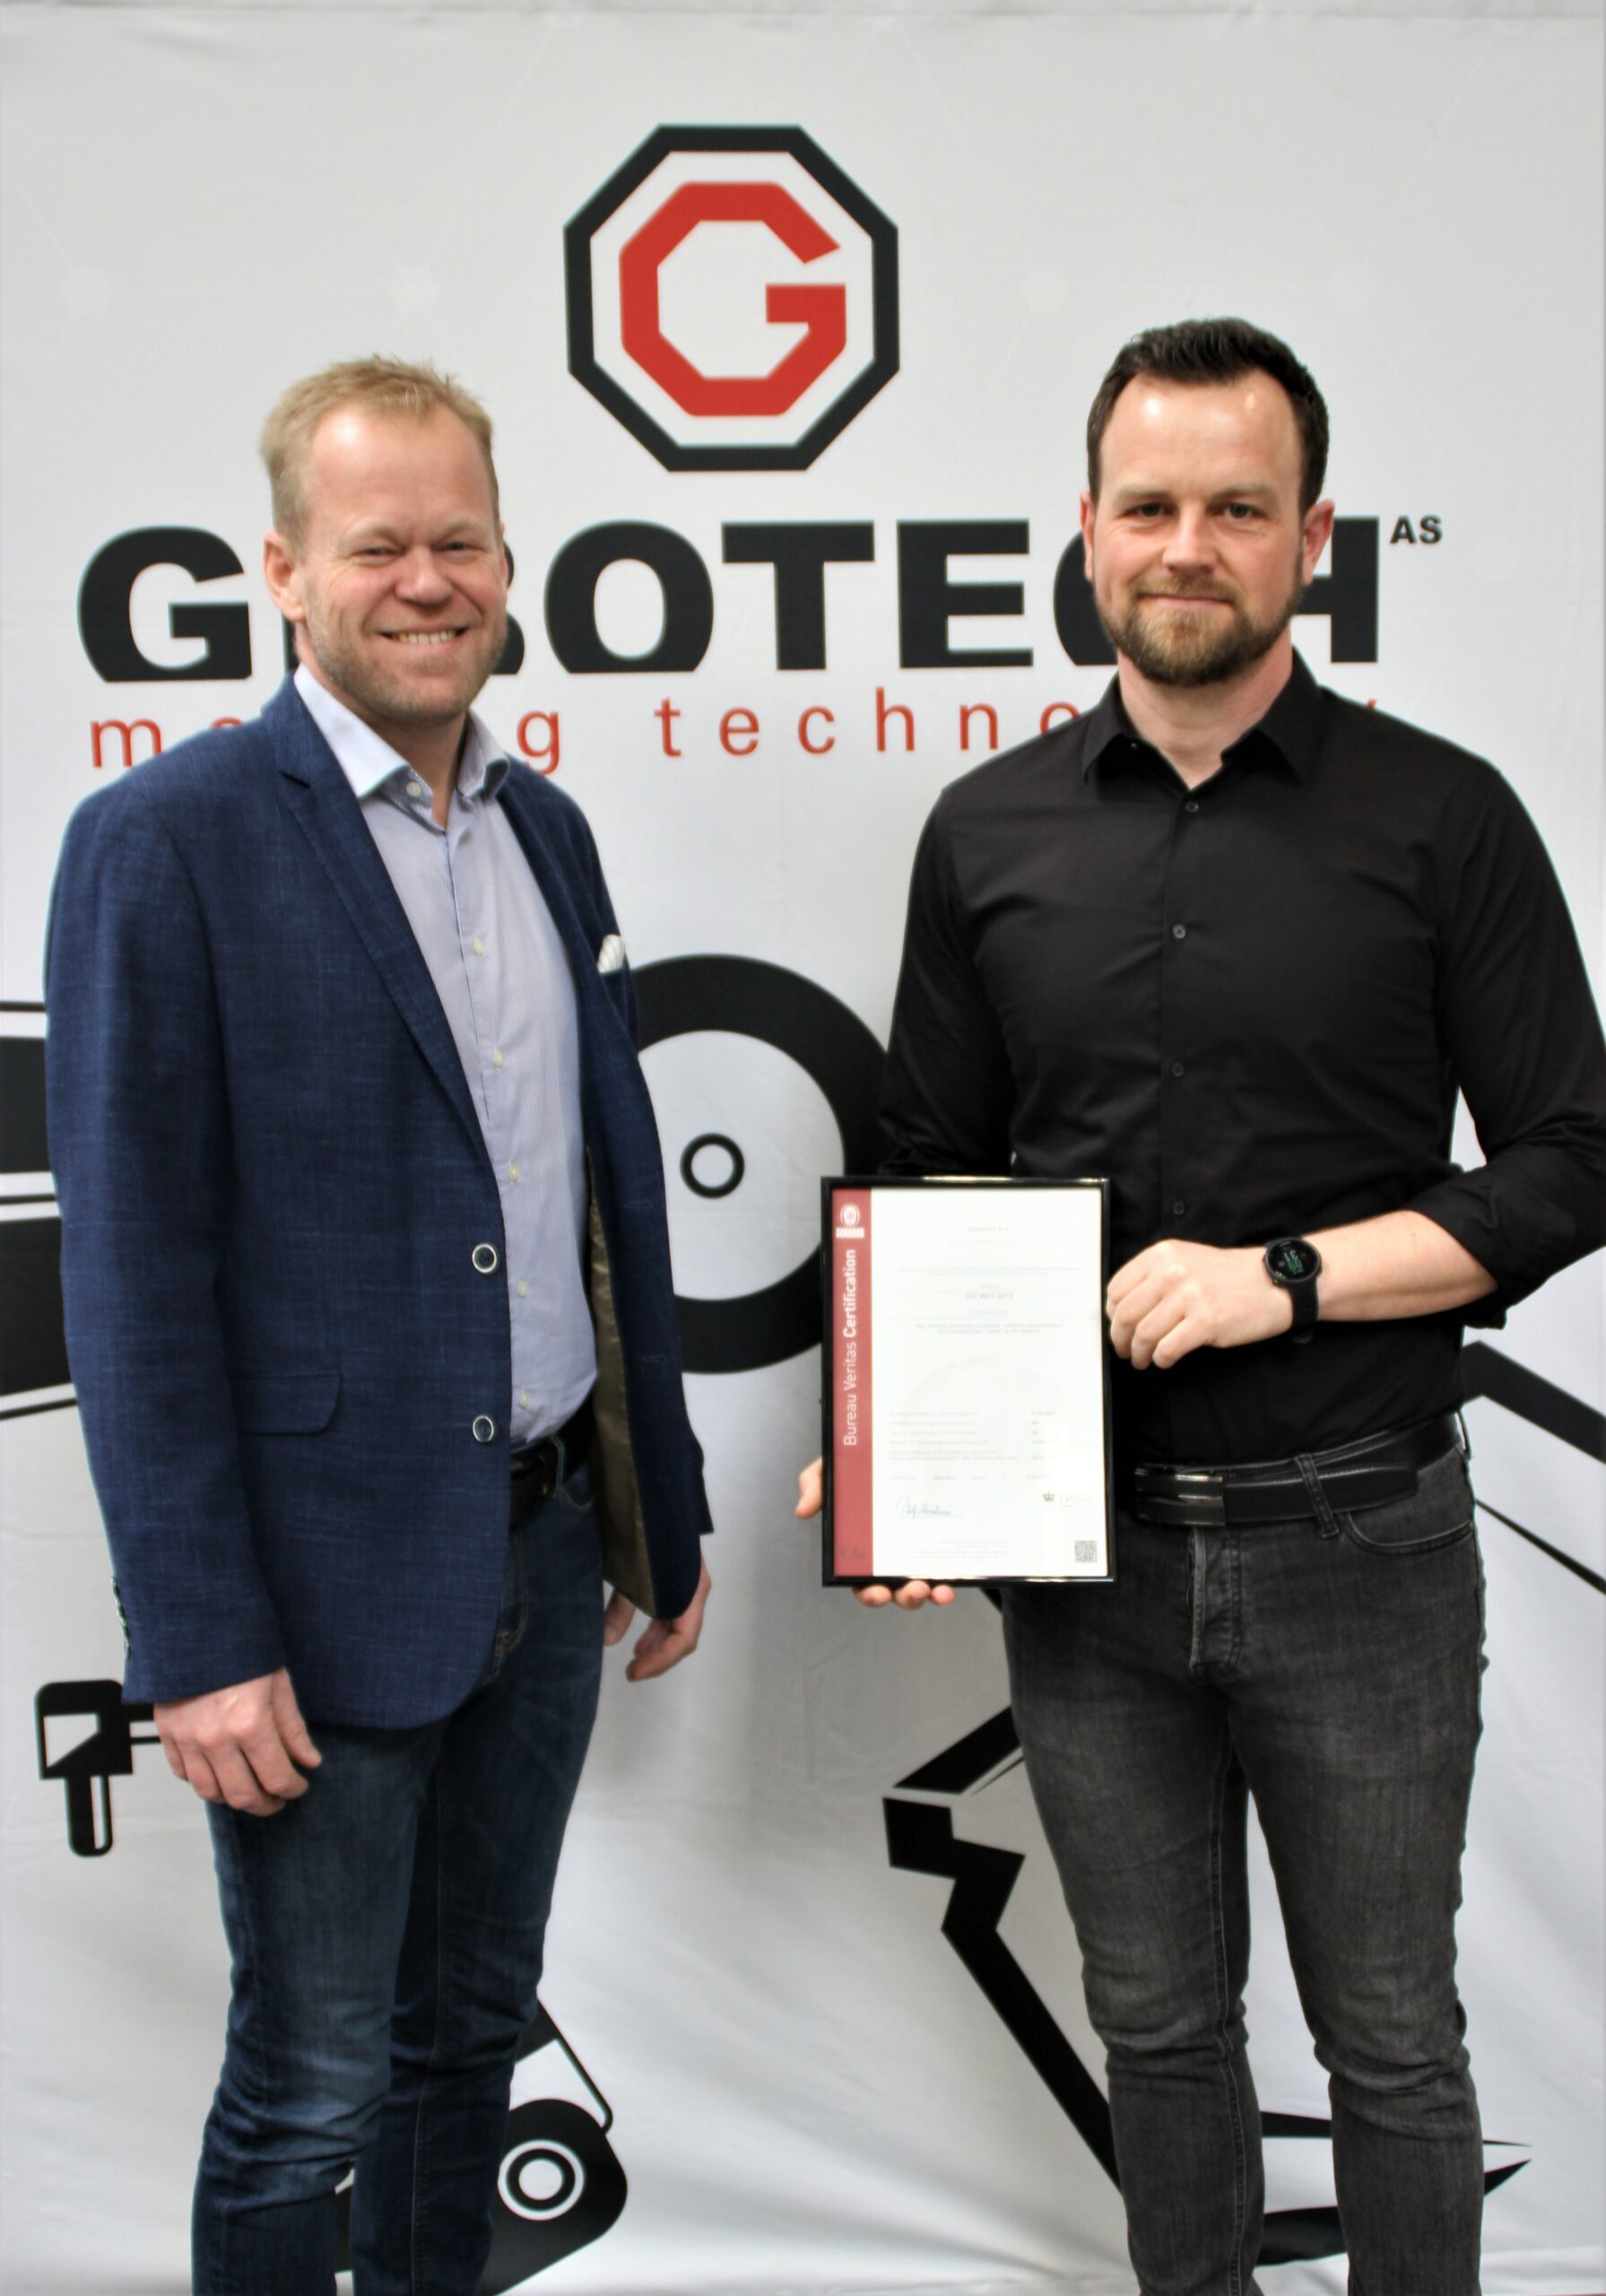 ISO_certifikat_henrik_anker_gibotech